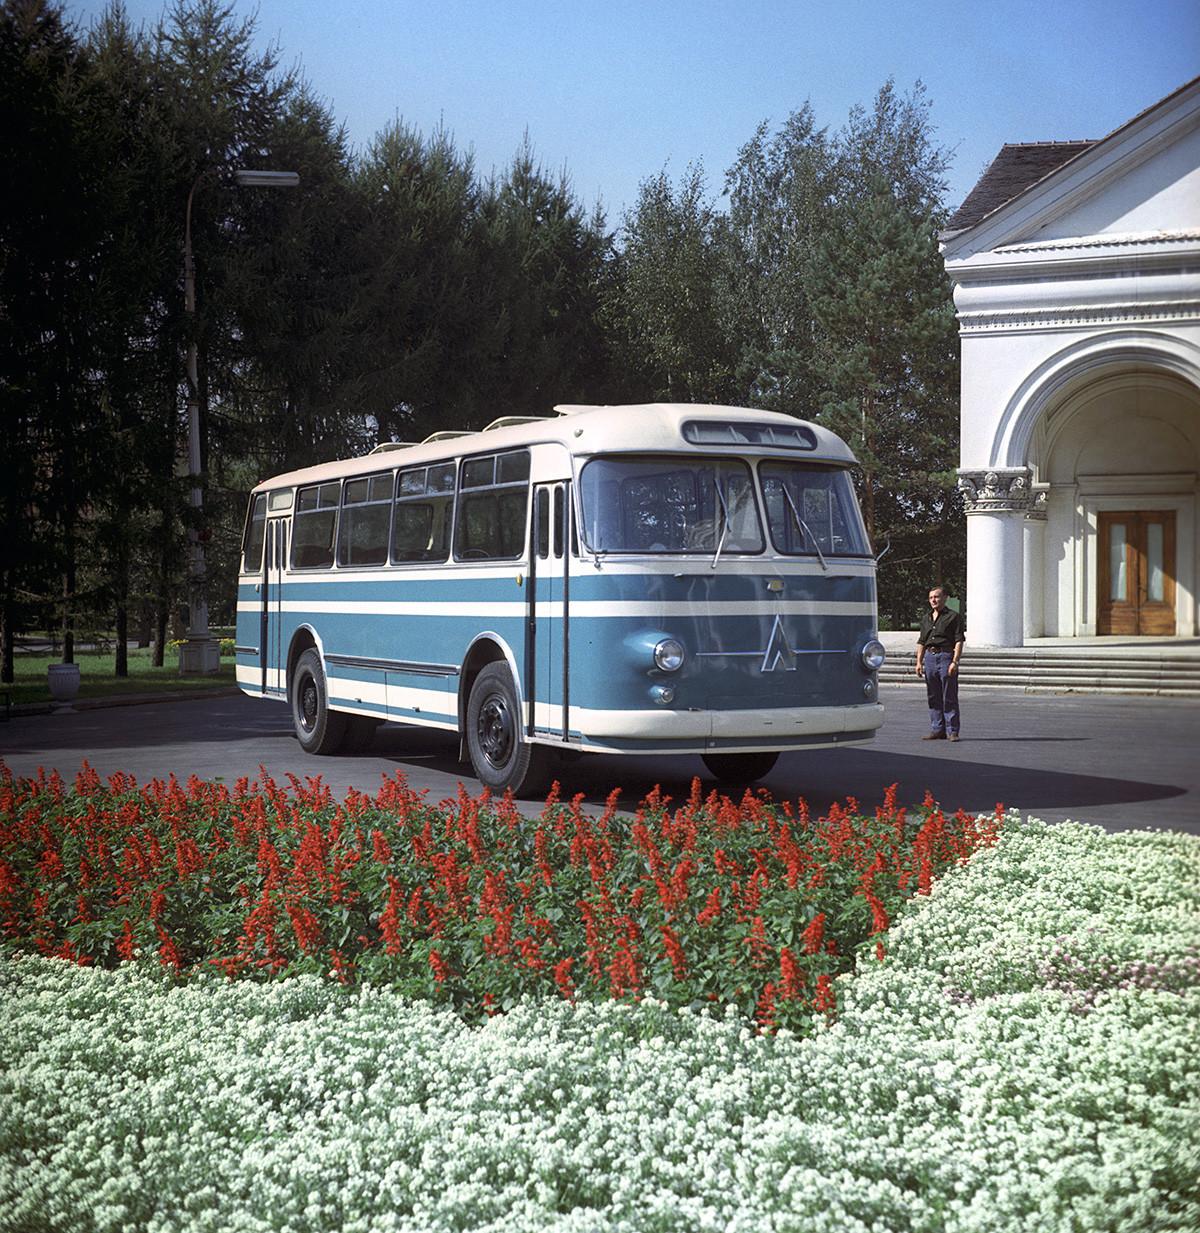 Советски автобус ЛАЗ-697 произведен во Фабриката за автобуси во Лавов, 1970 година.